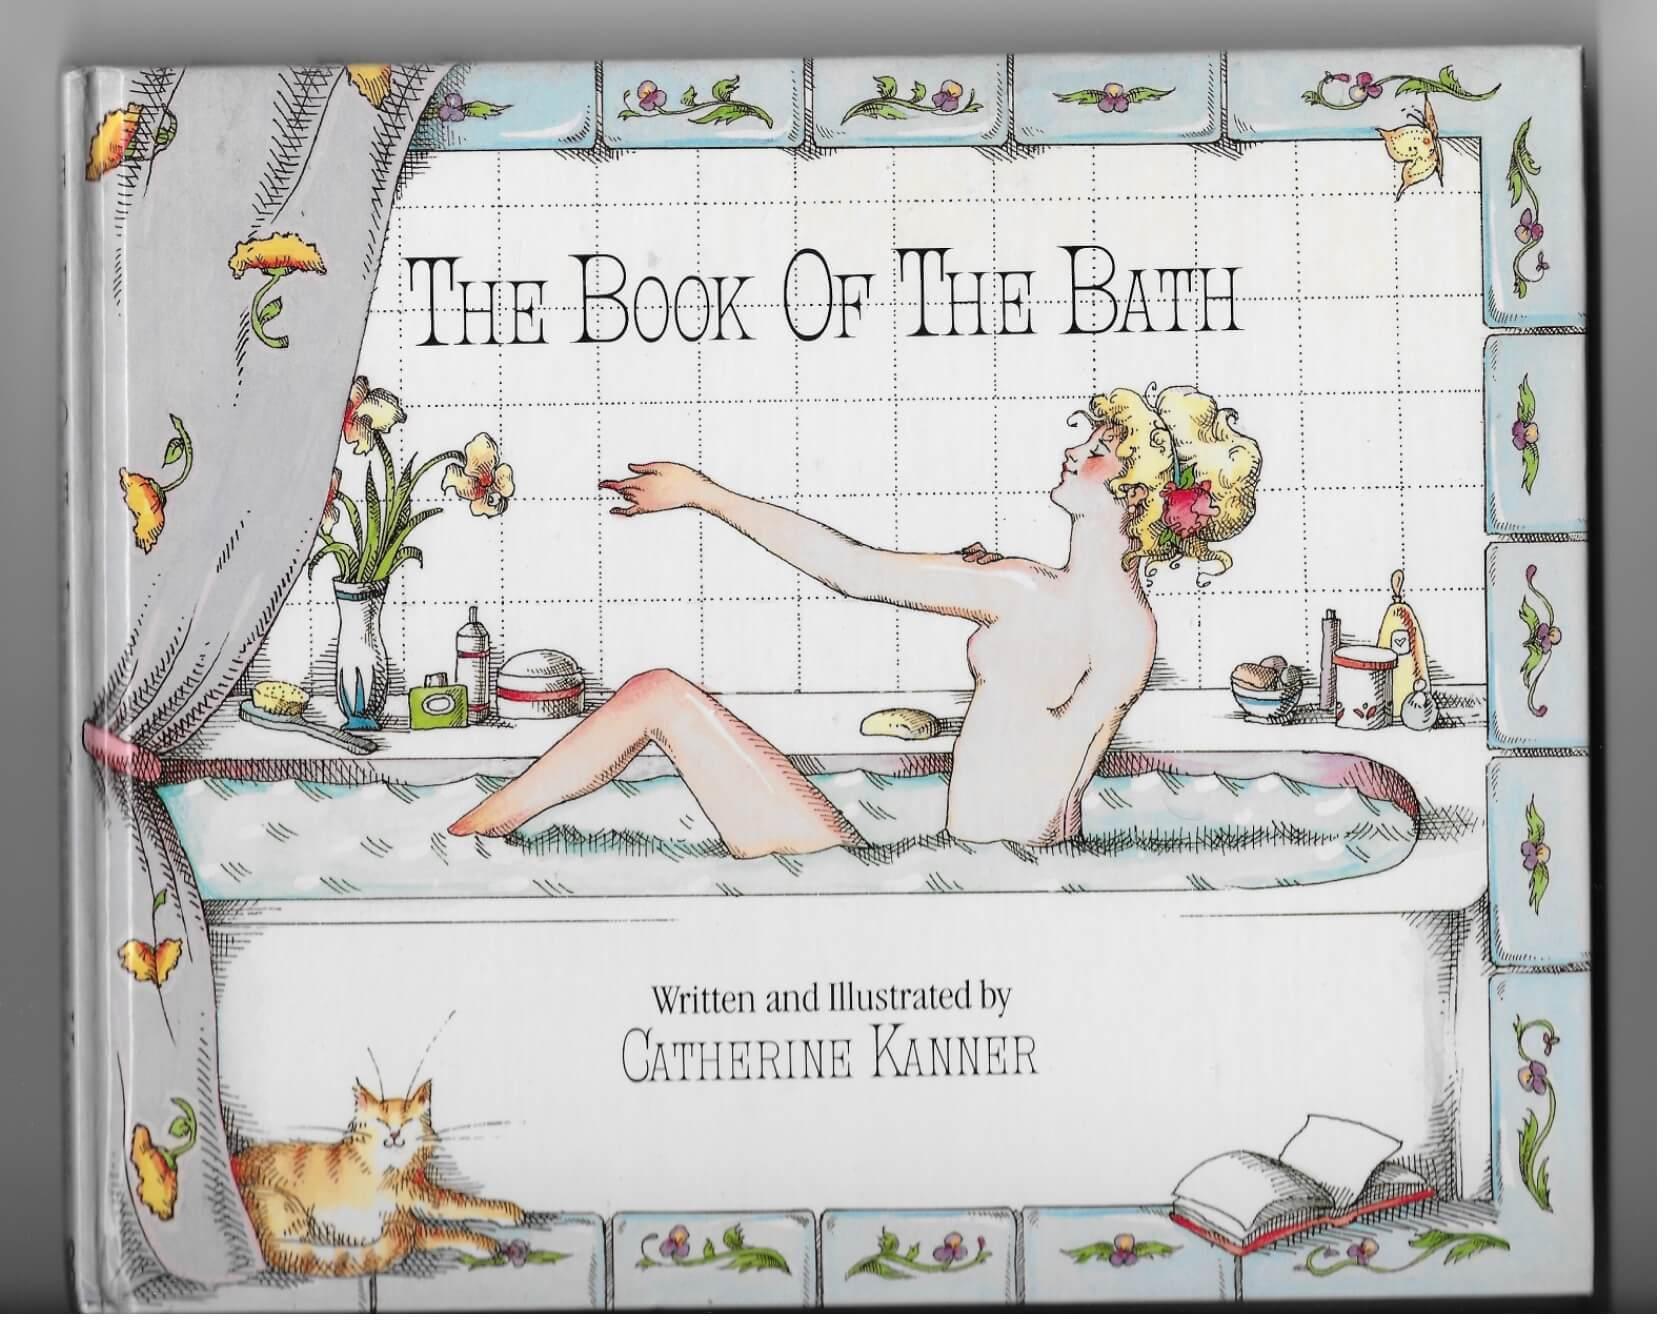 《洗澡專書》封面